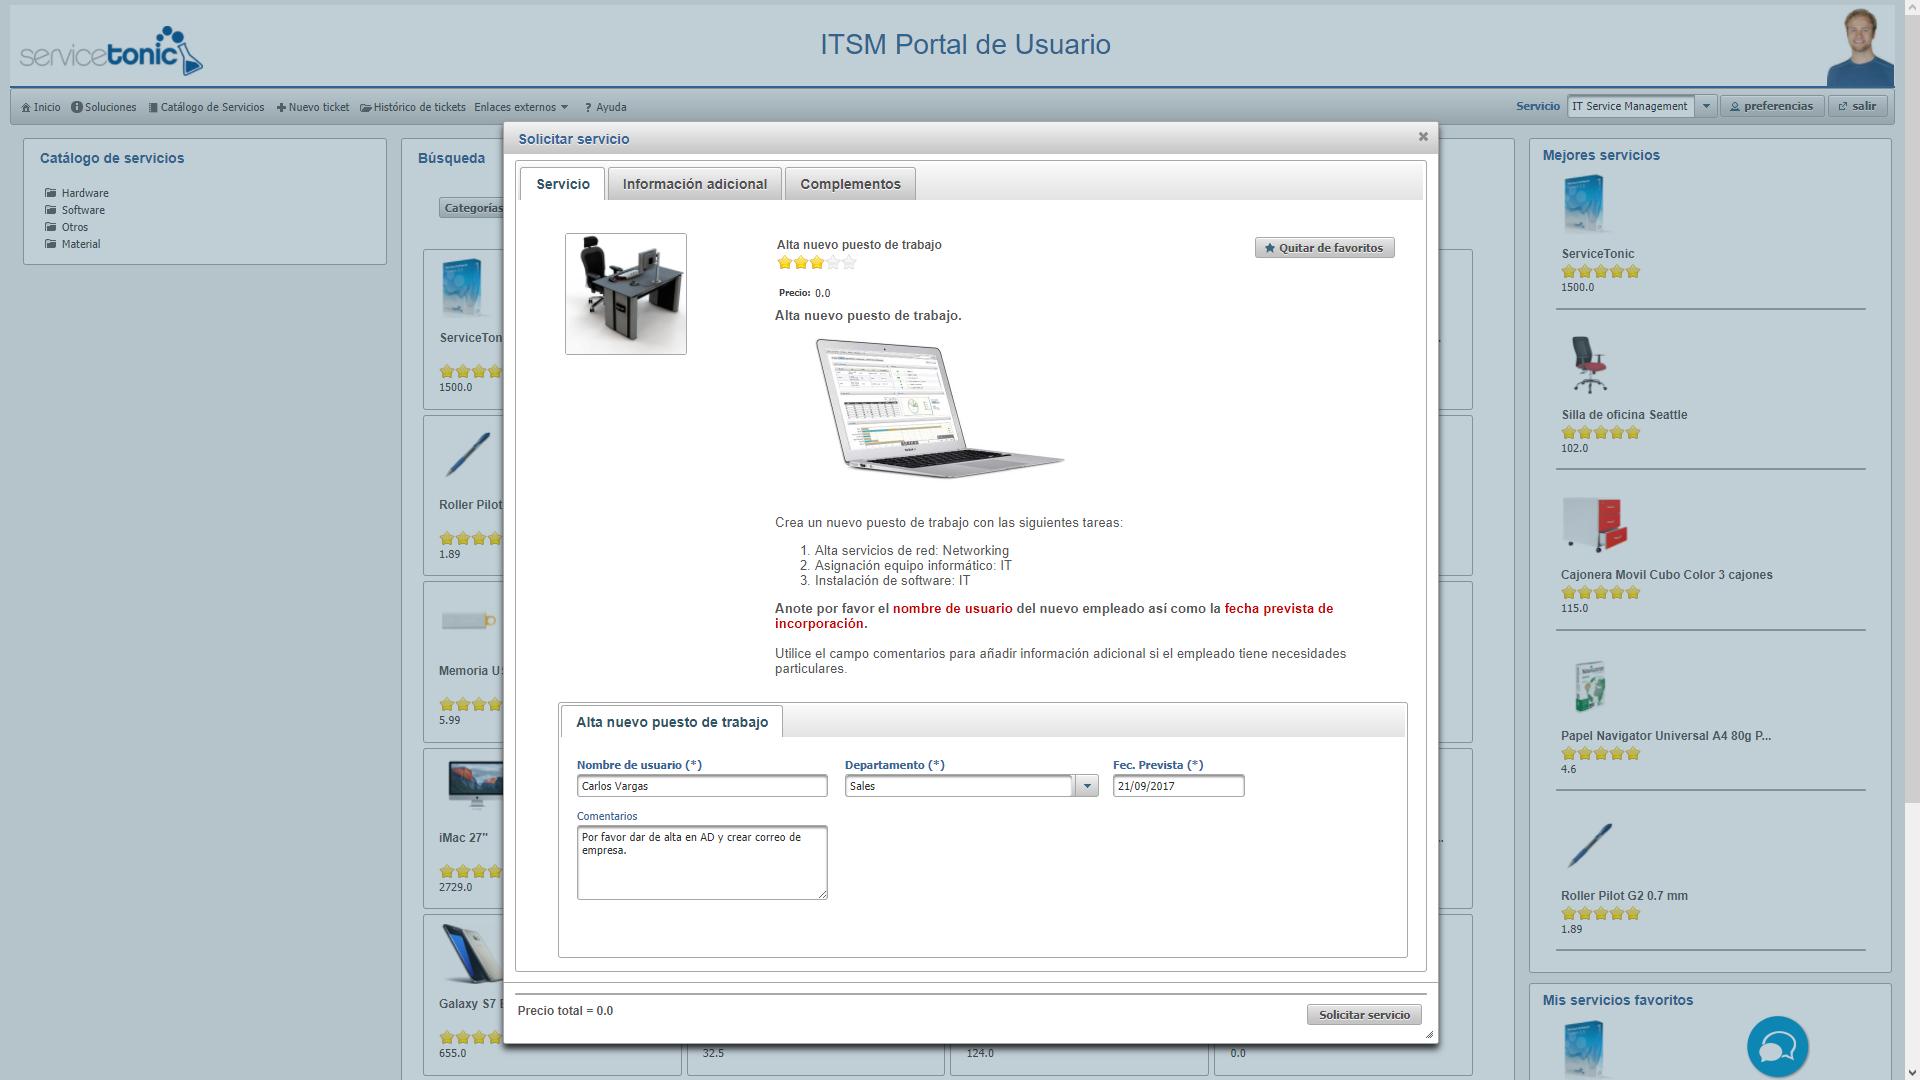 Catálogo de servicios en el portal de usuarios